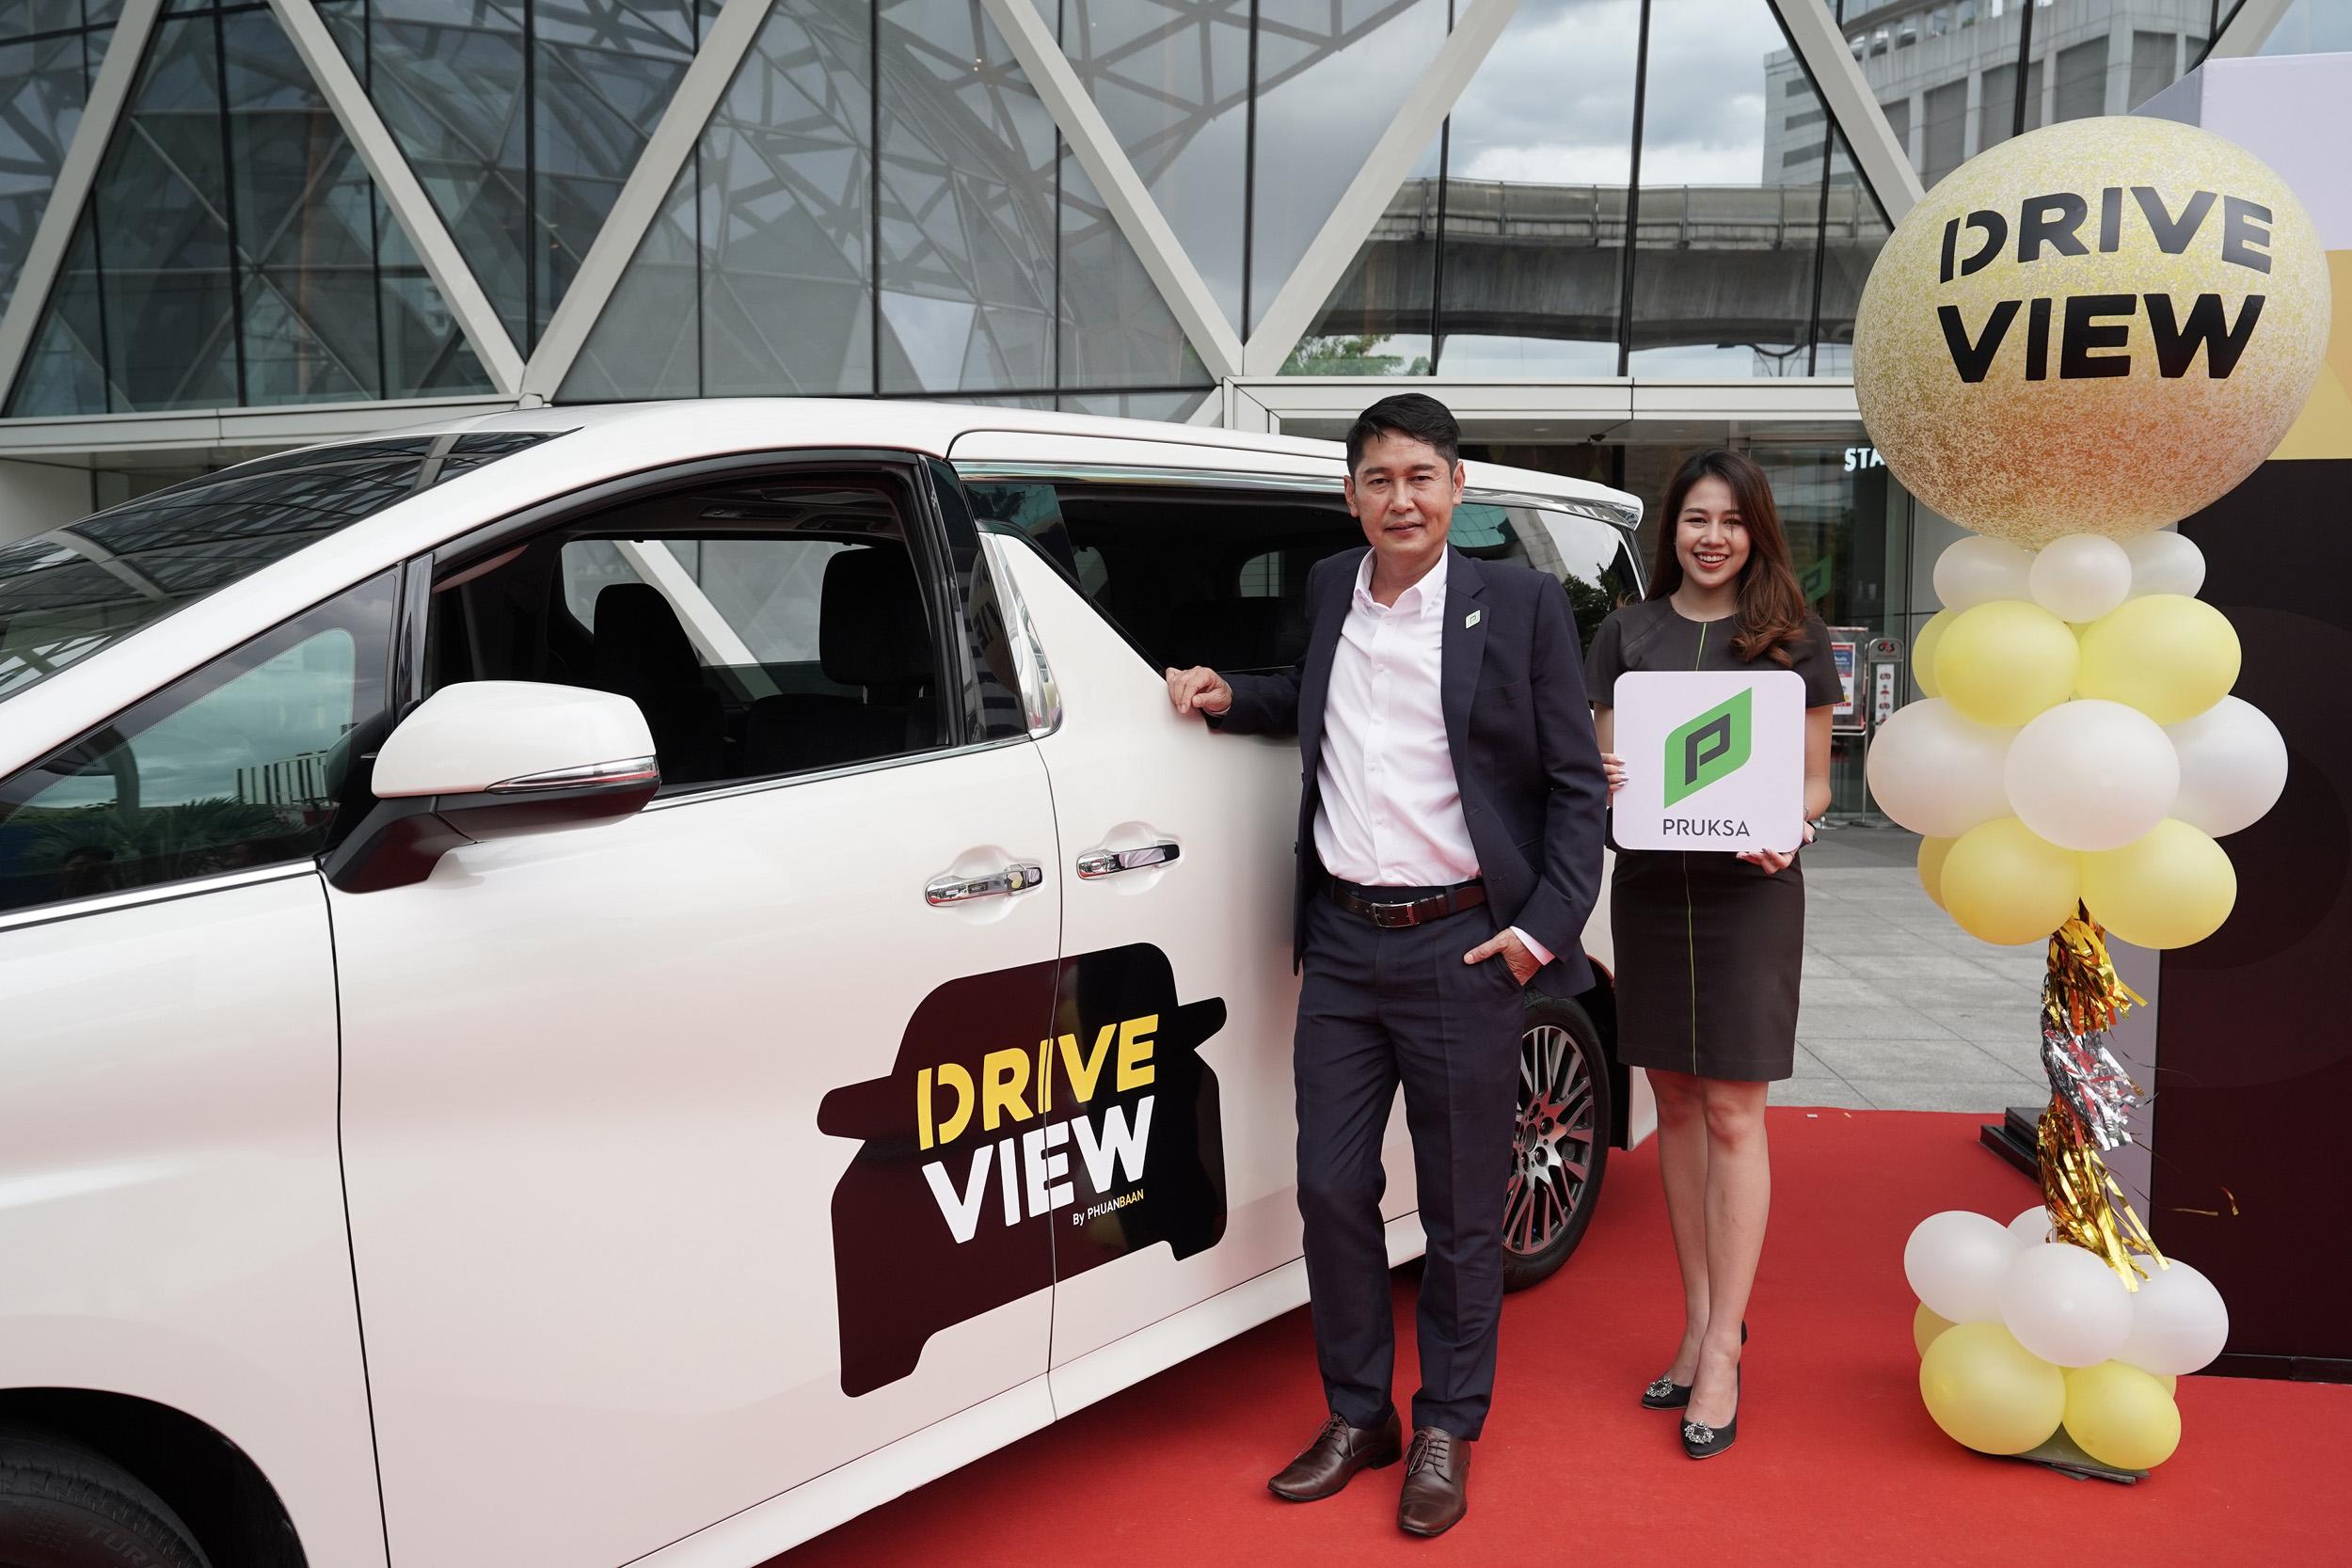 สัมผัสประสบการณ์ใหม่ Pruksa Drive View ครั้งแรกในวงการอสังหาฯ บริการคนขับส่วนตัว พาทัวร์ชมทาวน์เฮาส์พฤกษา